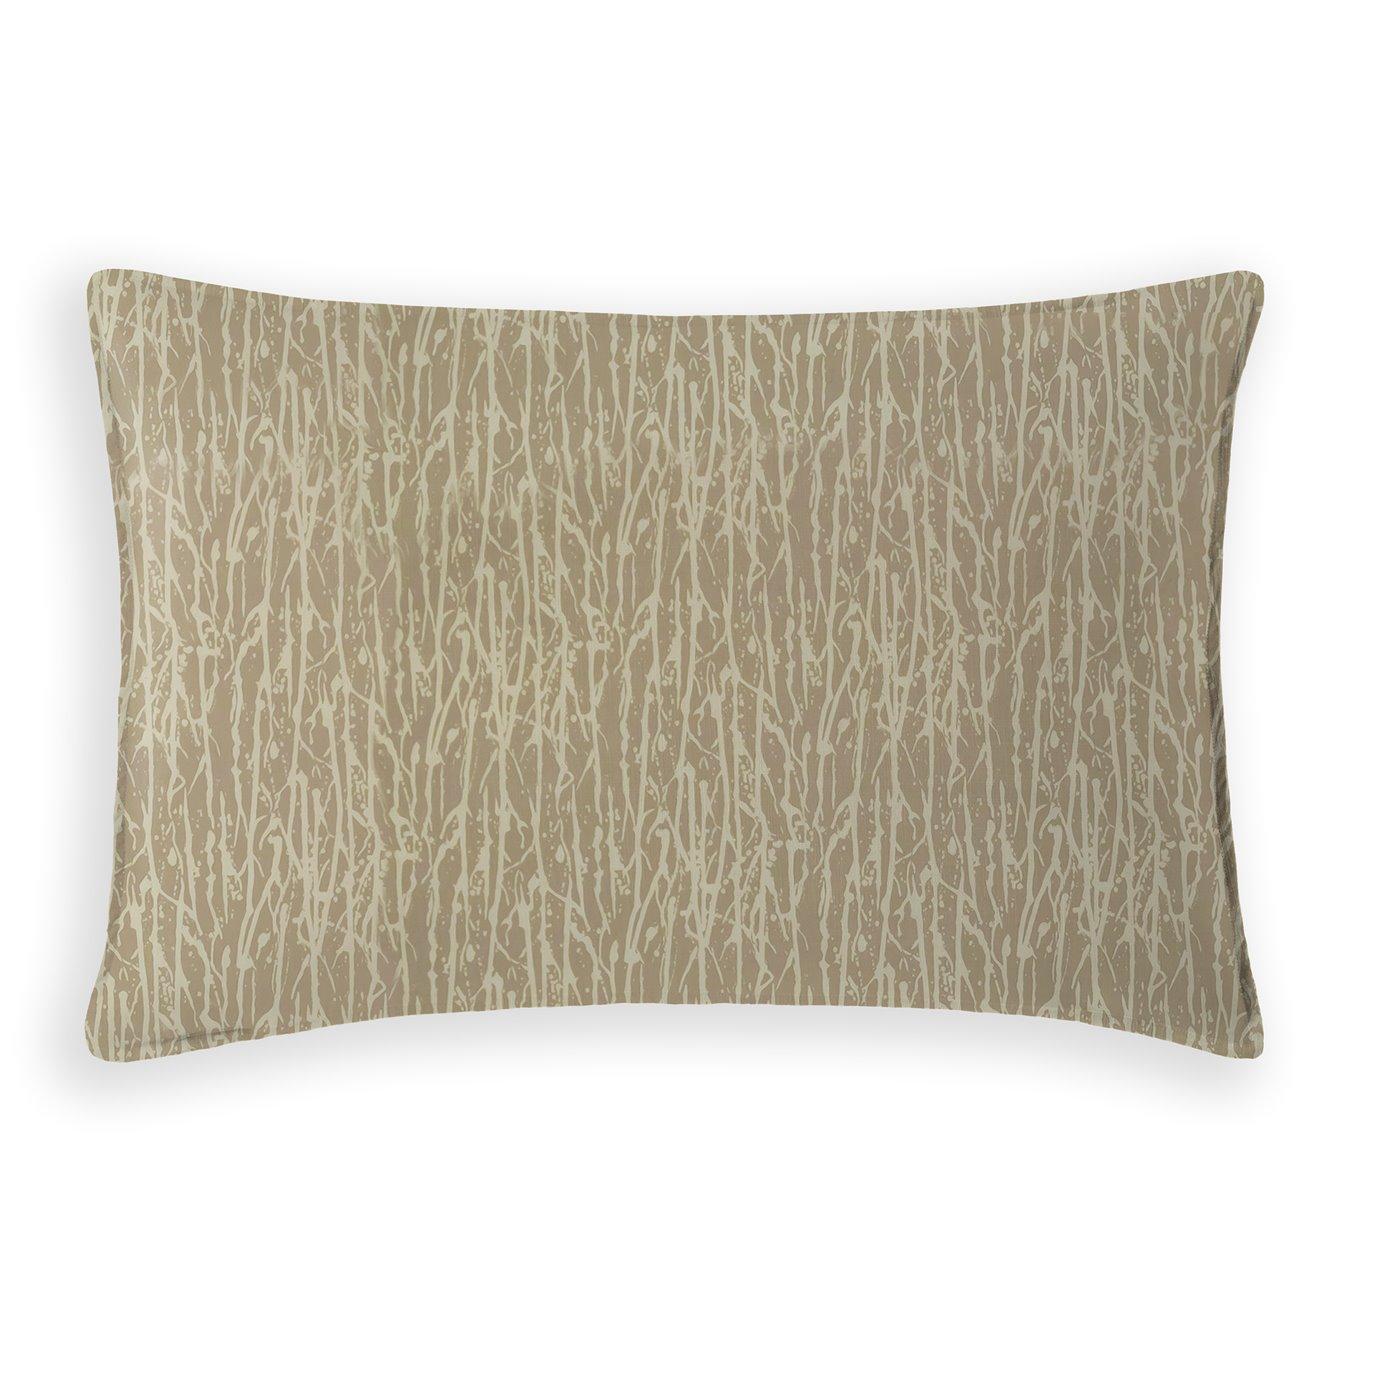 Willowbrook Pillow Sham - Standard/Queen